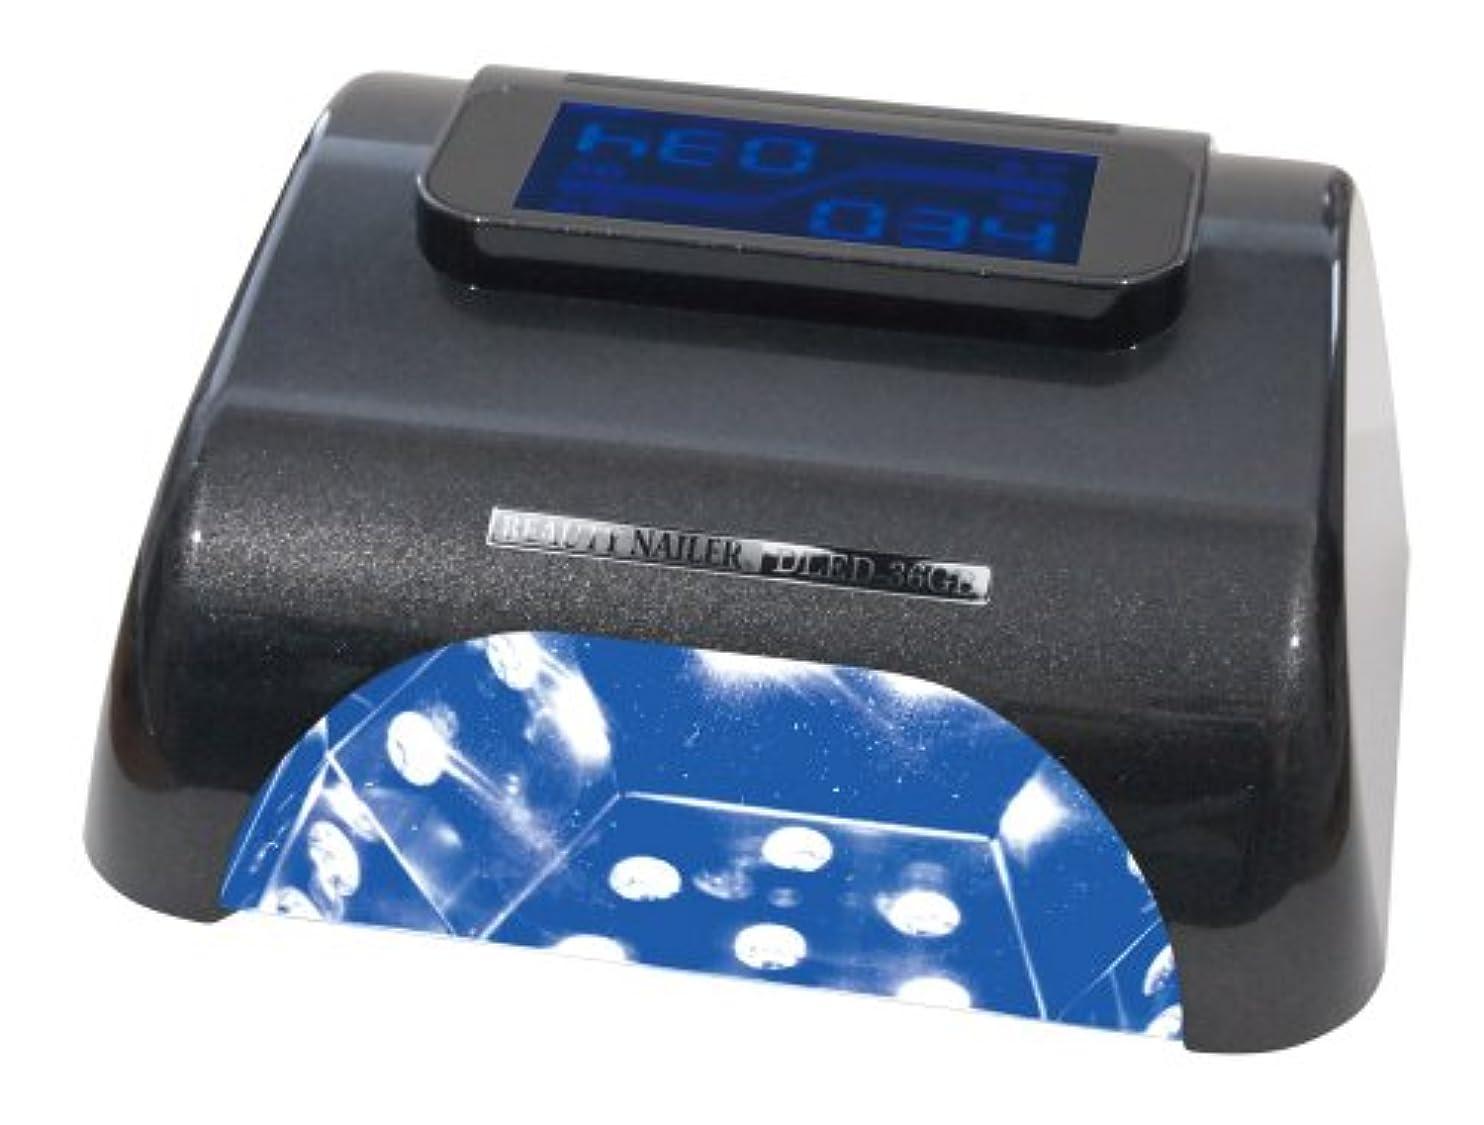 キルト承知しました十代ビューティーネイラー デジタルLEDライト DLED-36GB パールブラック